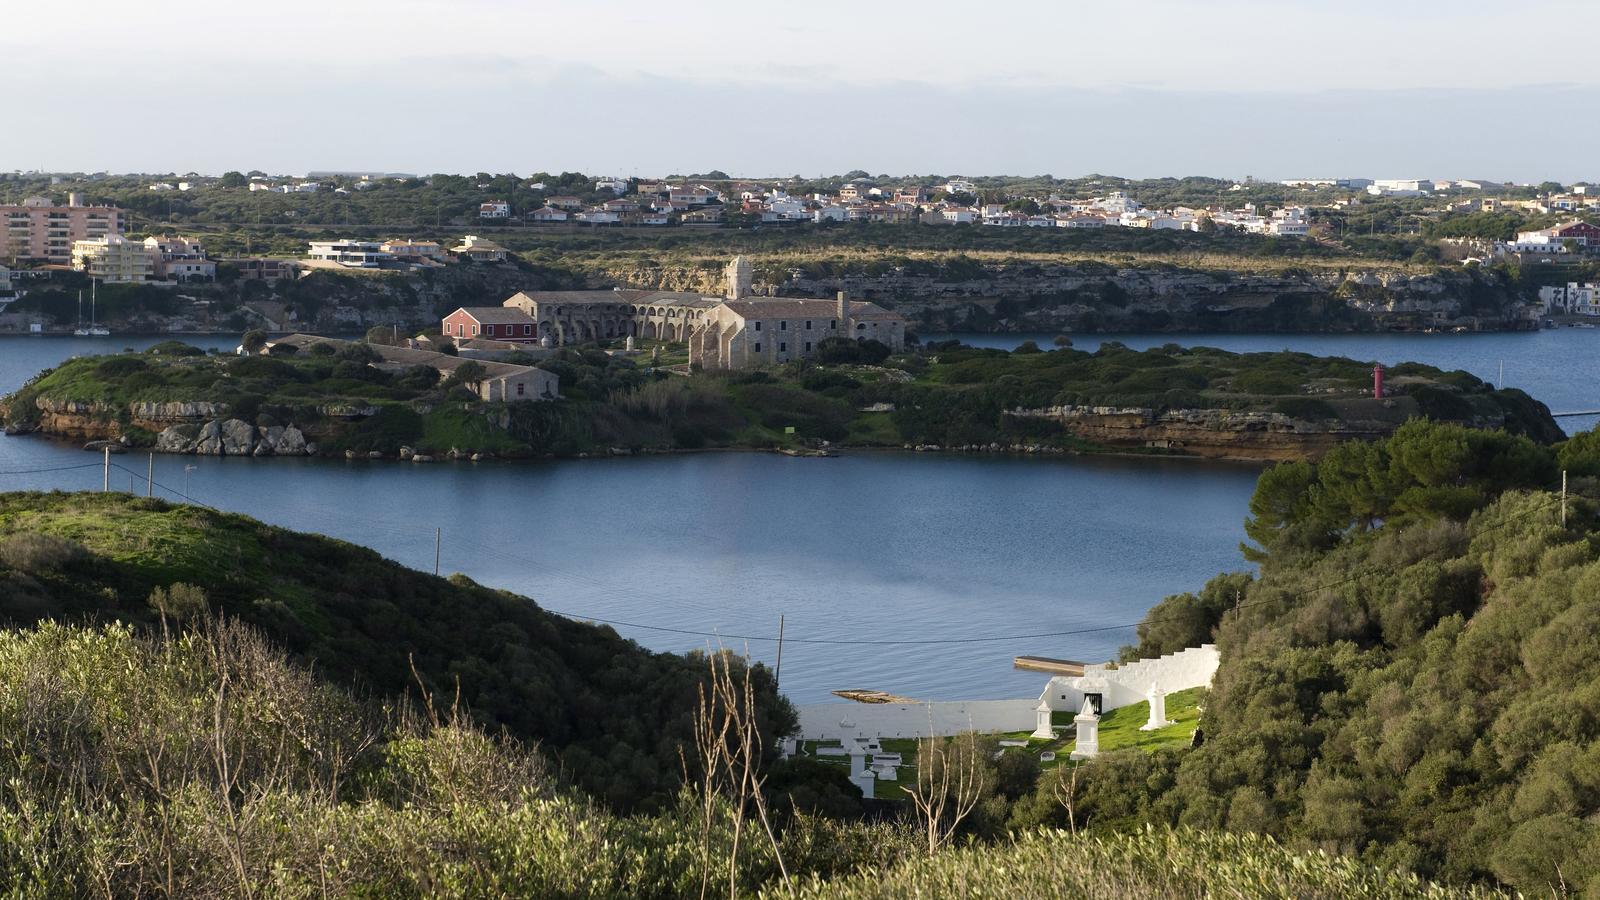 Menorca registrà aquest dimarts un rècord de temperatura alta pel mes de desembre